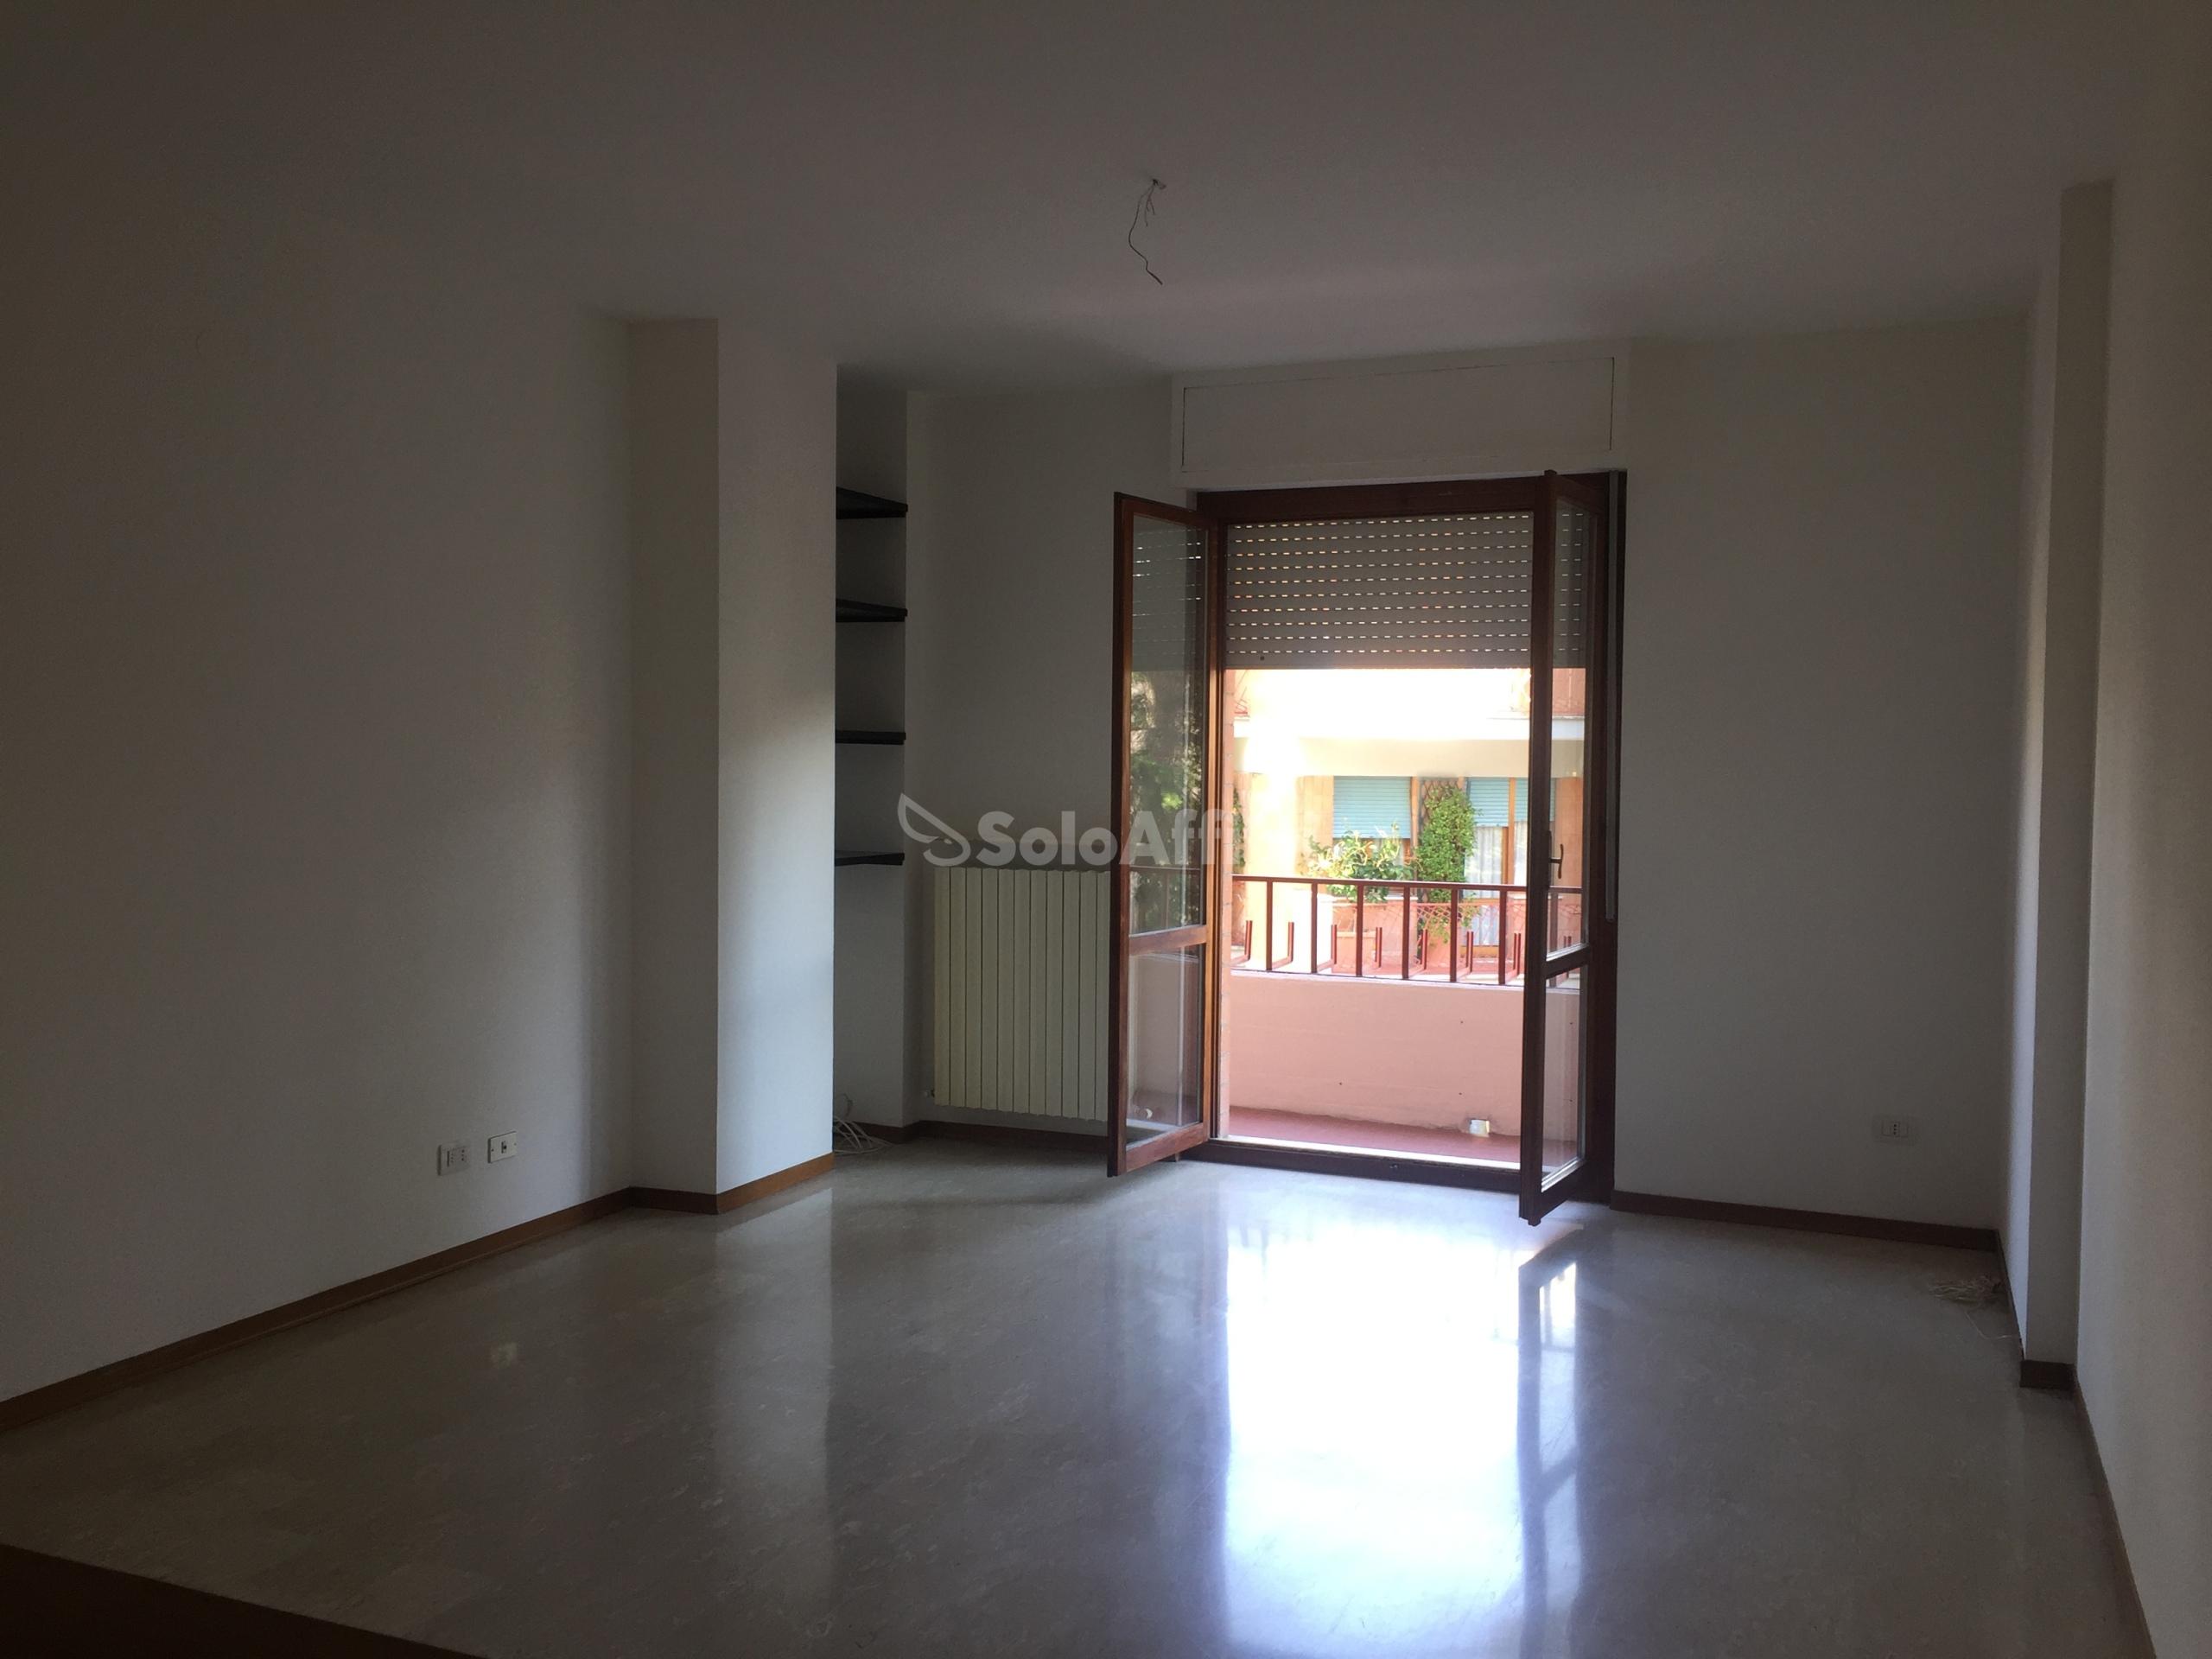 Appartamento Quadrilocale 5 vani 120 mq.